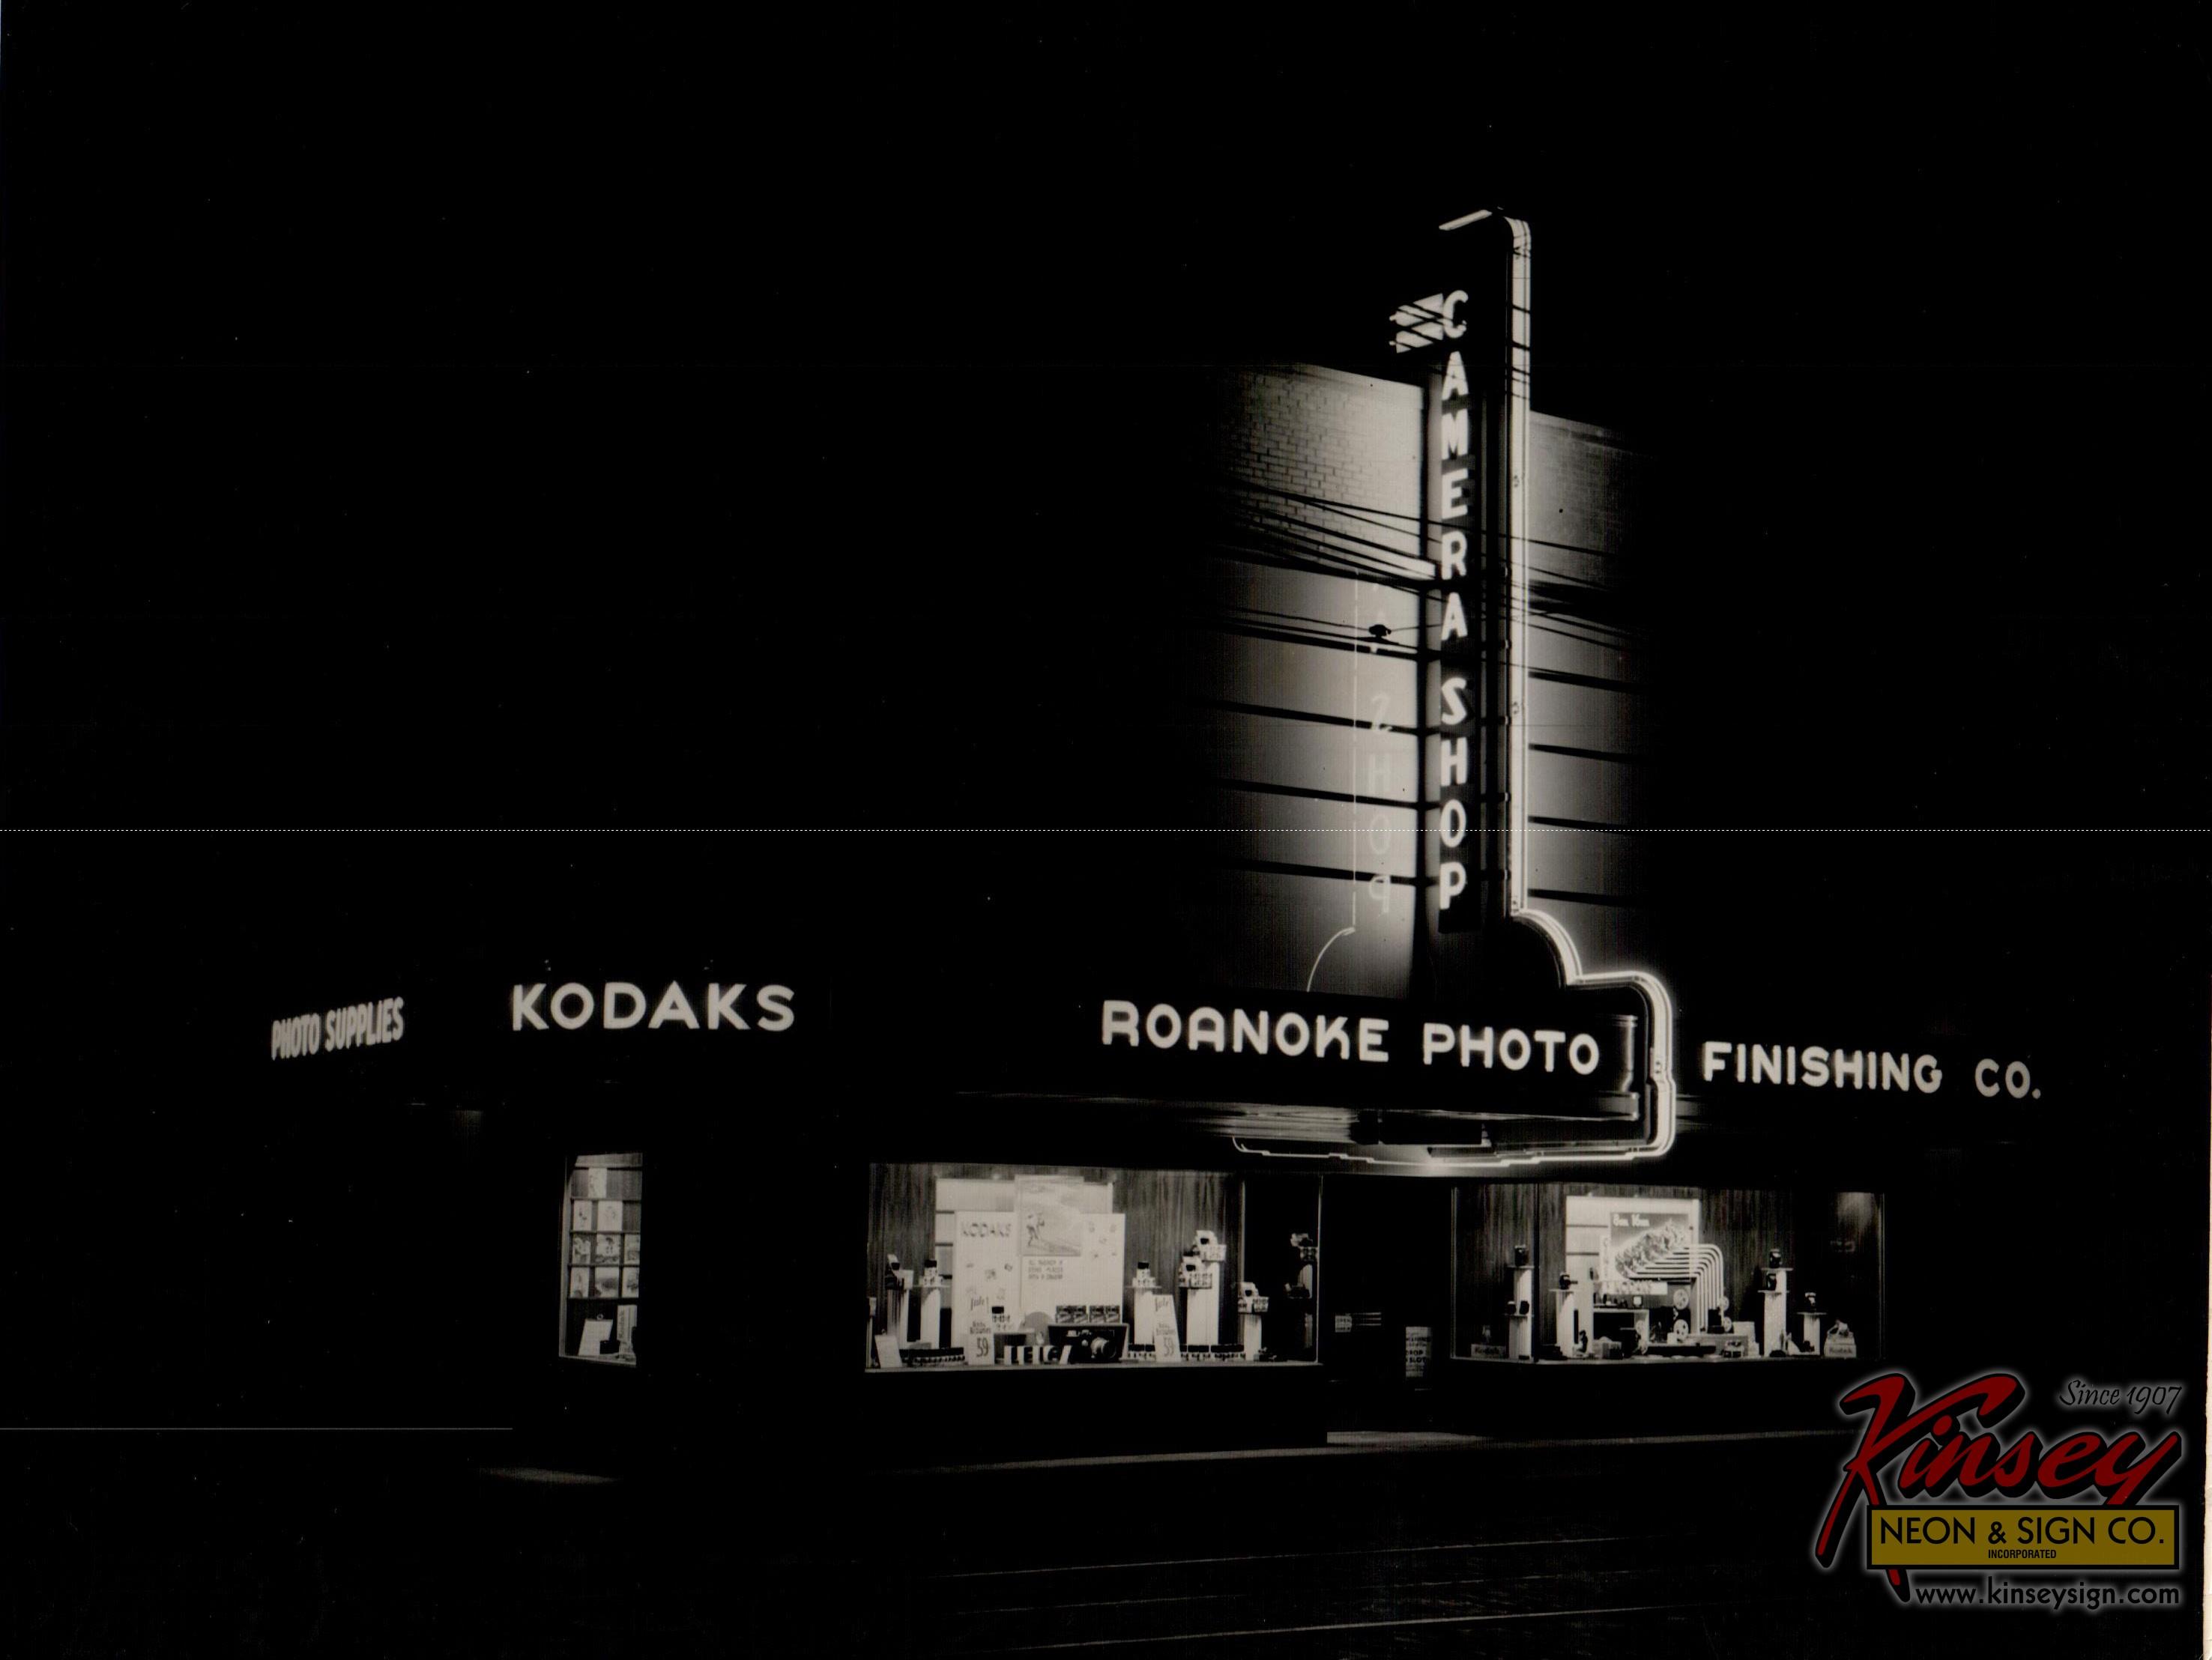 Roanoke-Photo-Finishing-2